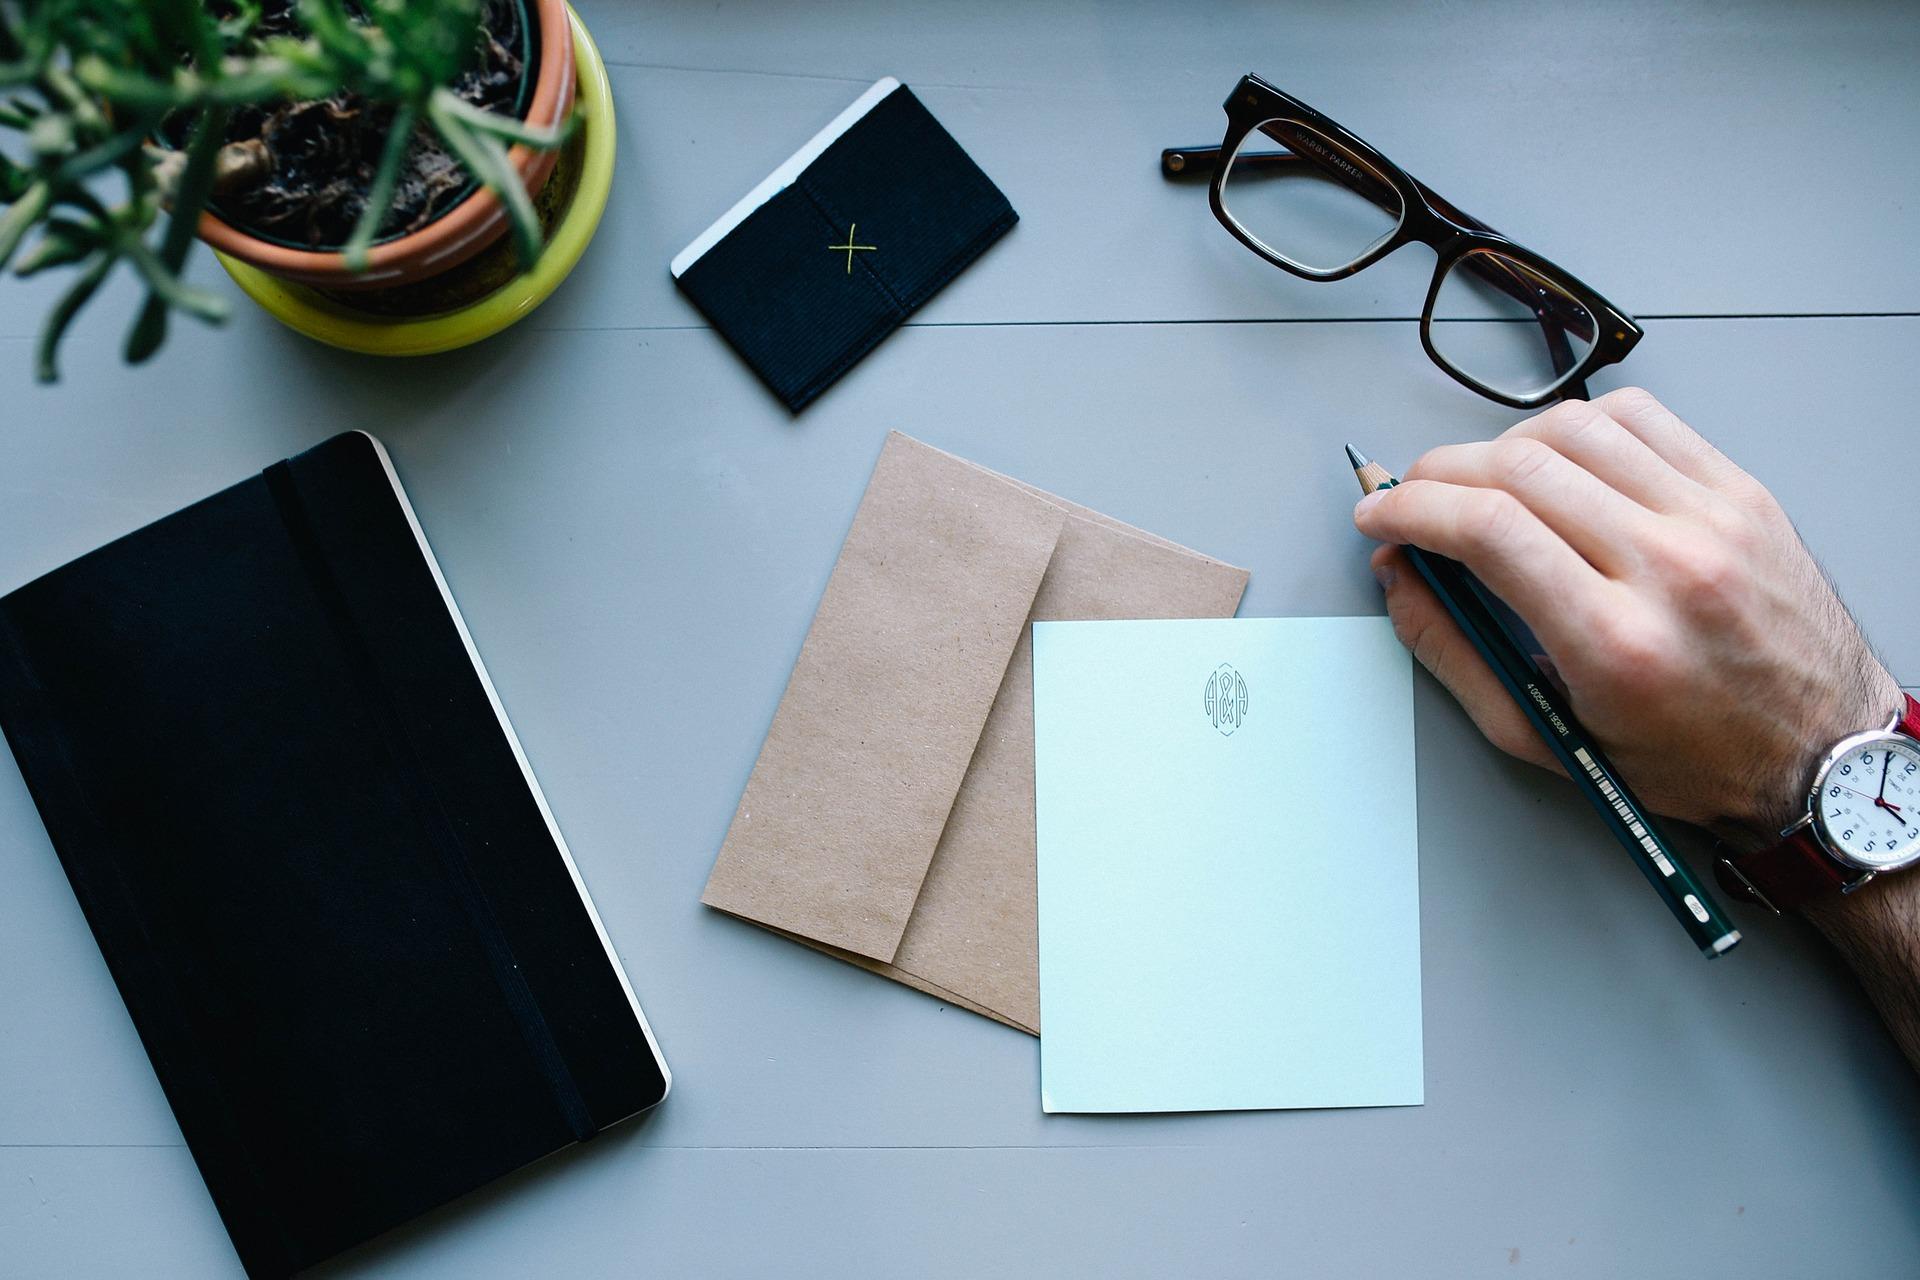 「ご足労いただき」の意味とは?目上の人への使い方やビジネスメールの例文も紹介